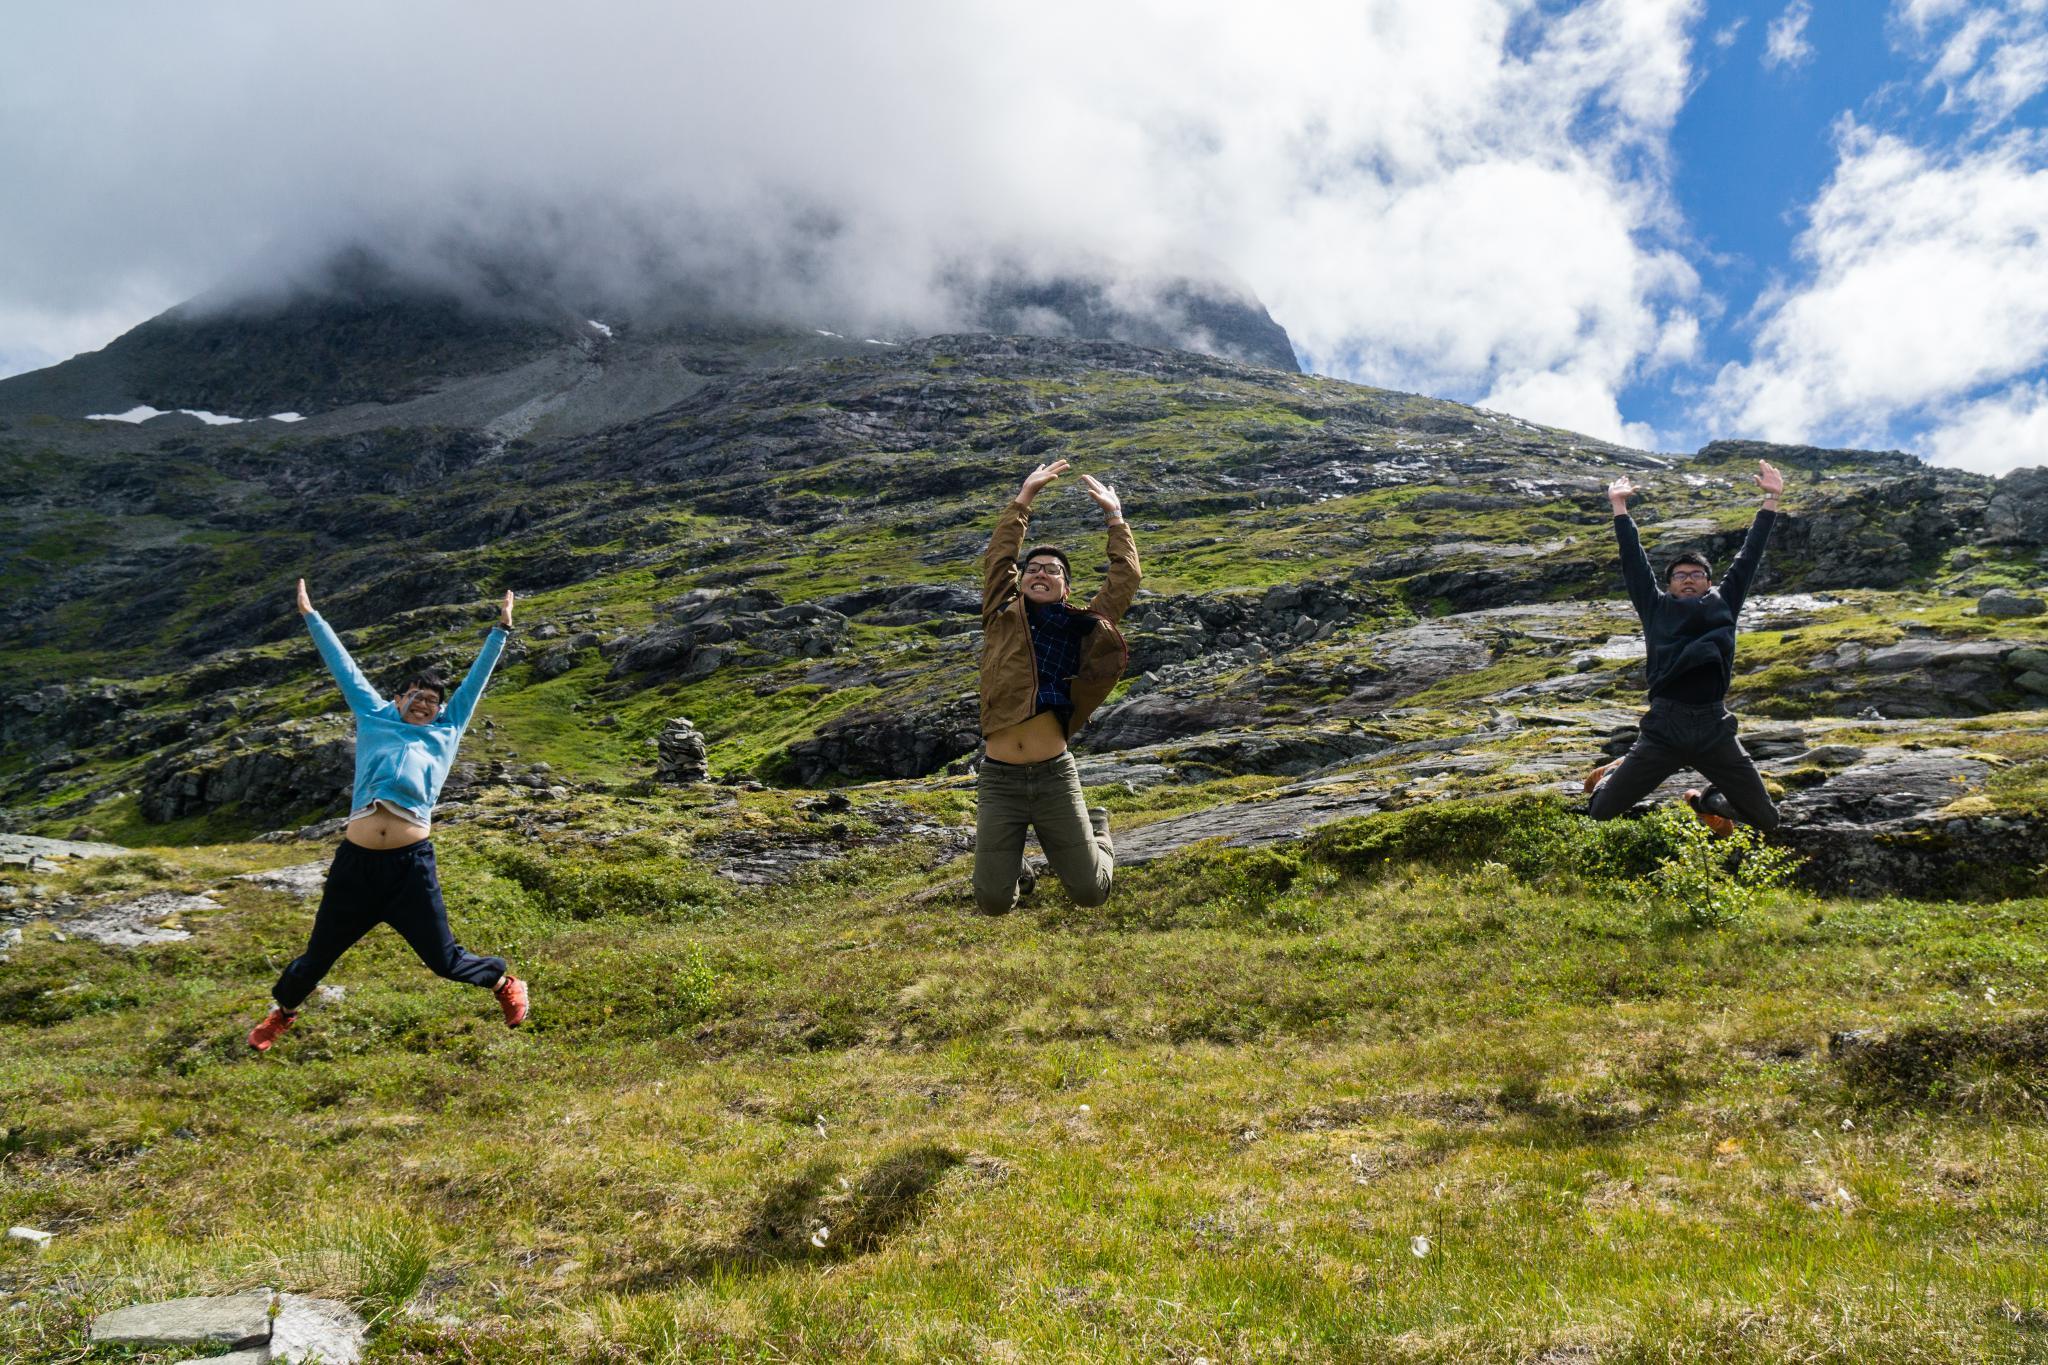 【北歐景點】Trollstigen 精靈之路 ∣ 挪威最驚險的世界級景觀公路 27